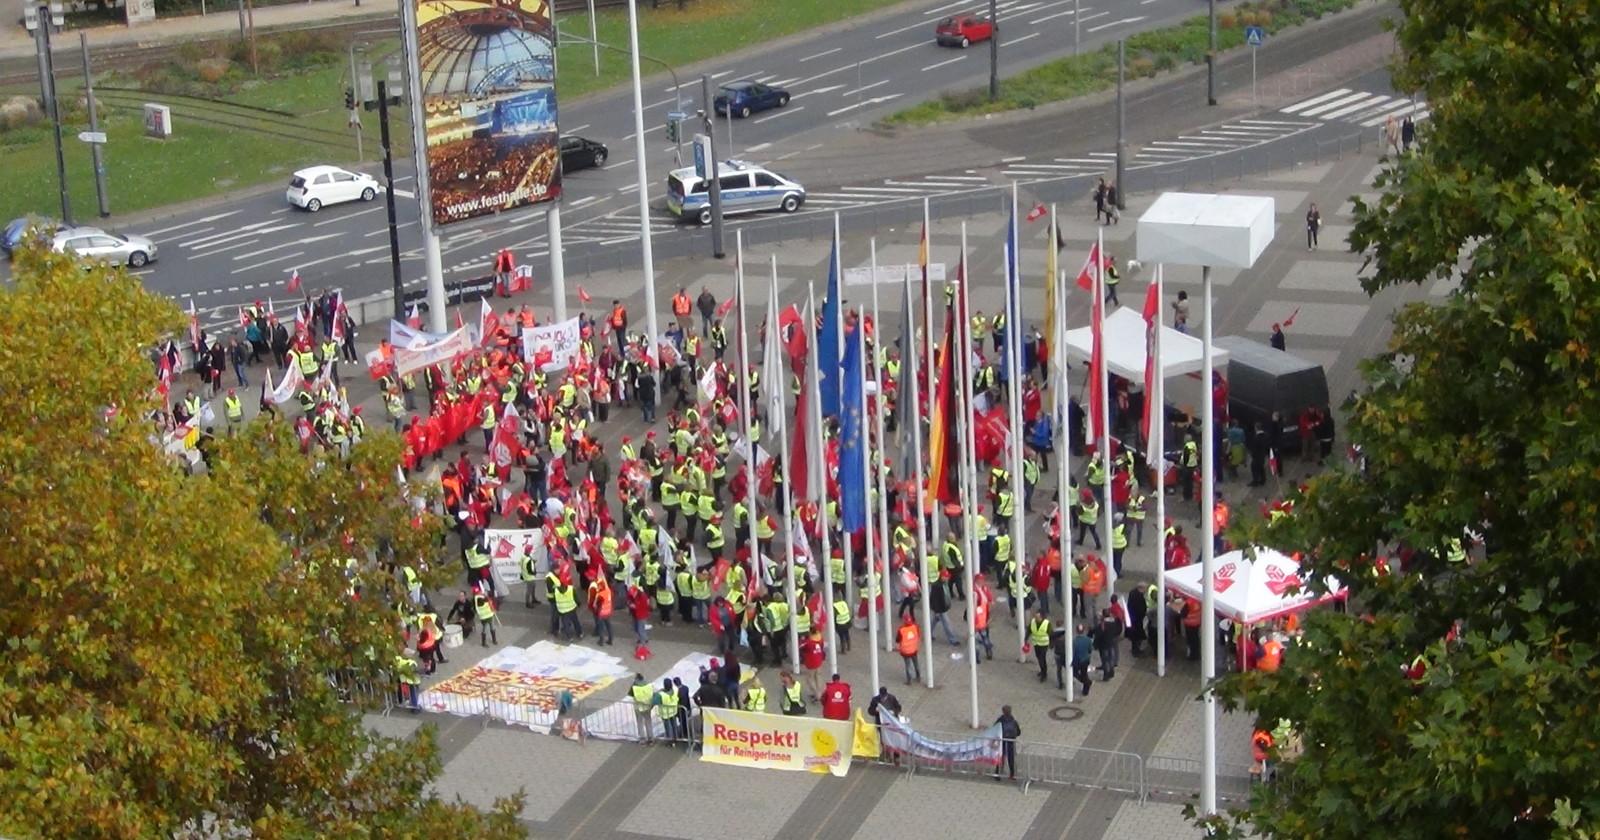 +++ Frankfurt live 13:05 Uhr - Die Demo ist am Verhandlungsort angekommen! +++